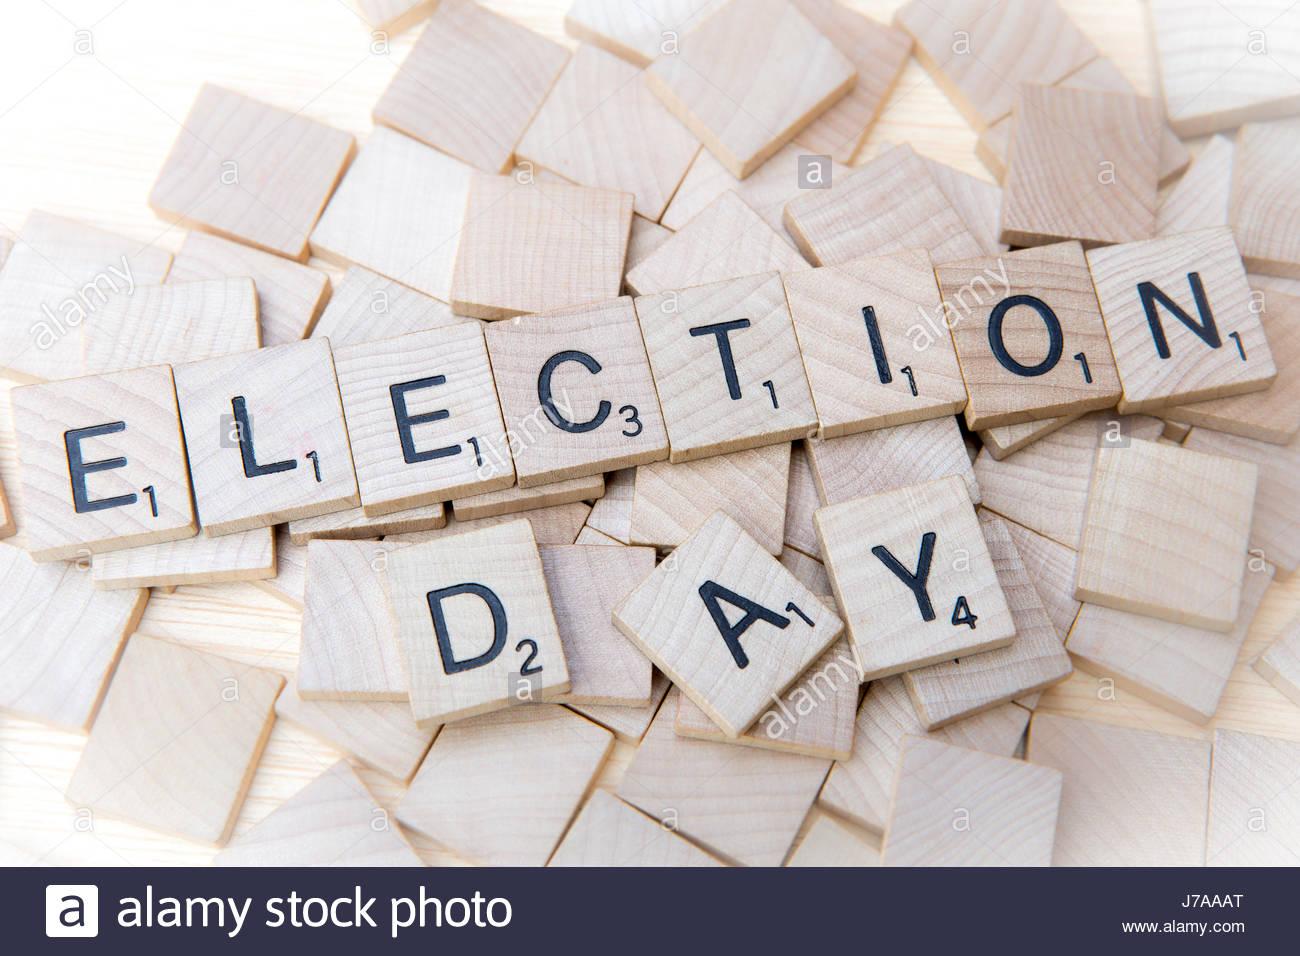 Il giorno delle elezioni farro con lettere di scrabble su